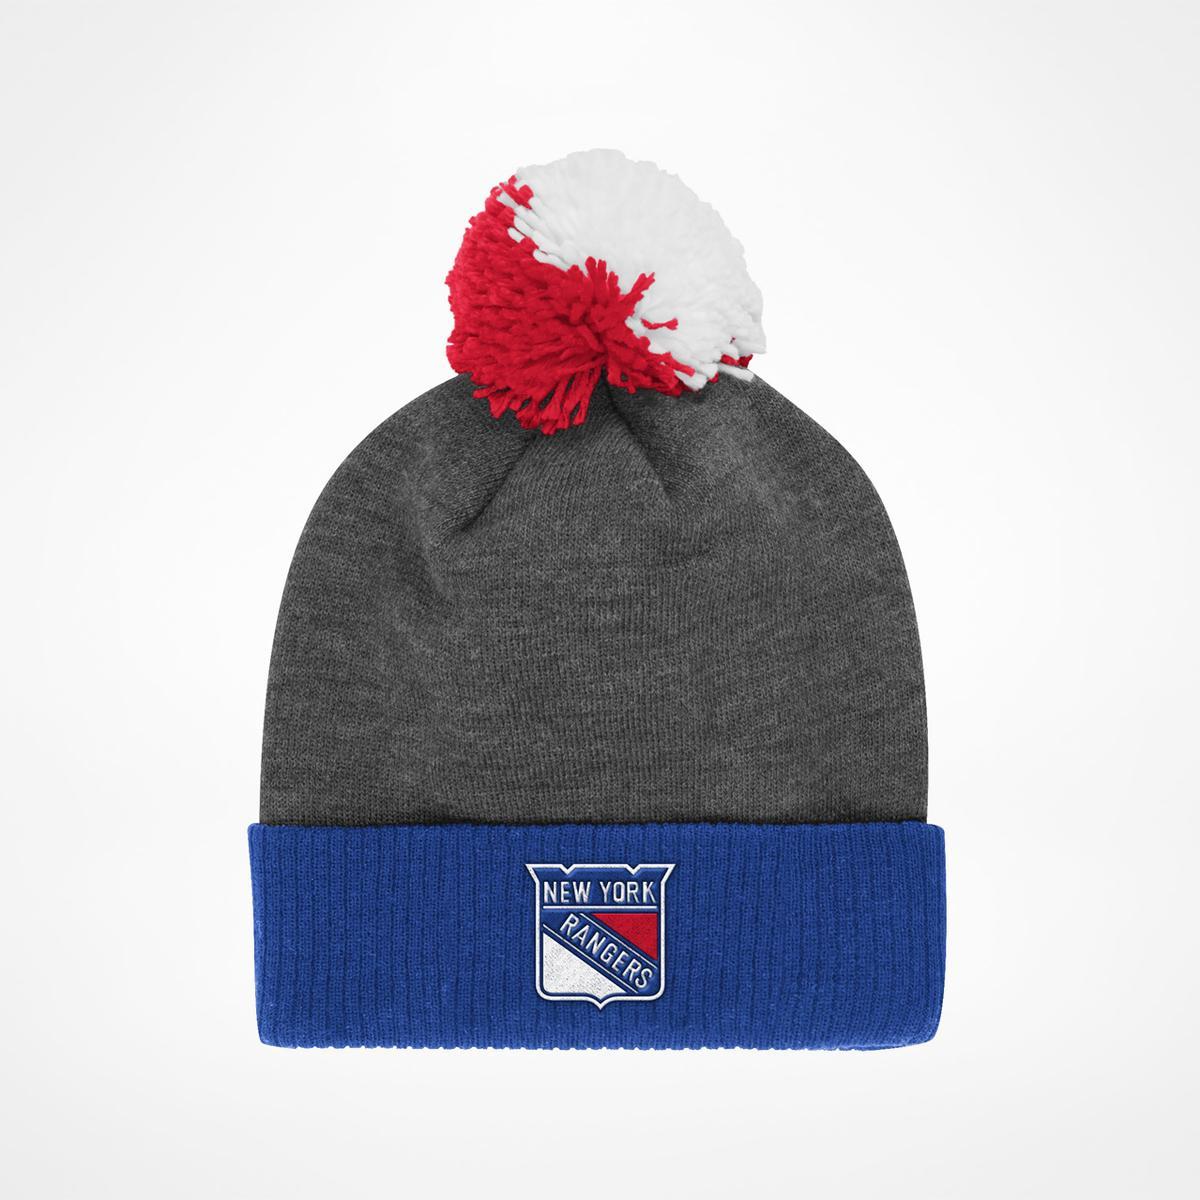 buy online 5e1bb 5ba94 New York Rangers - Mössa - Jämför priser på PriceRunner